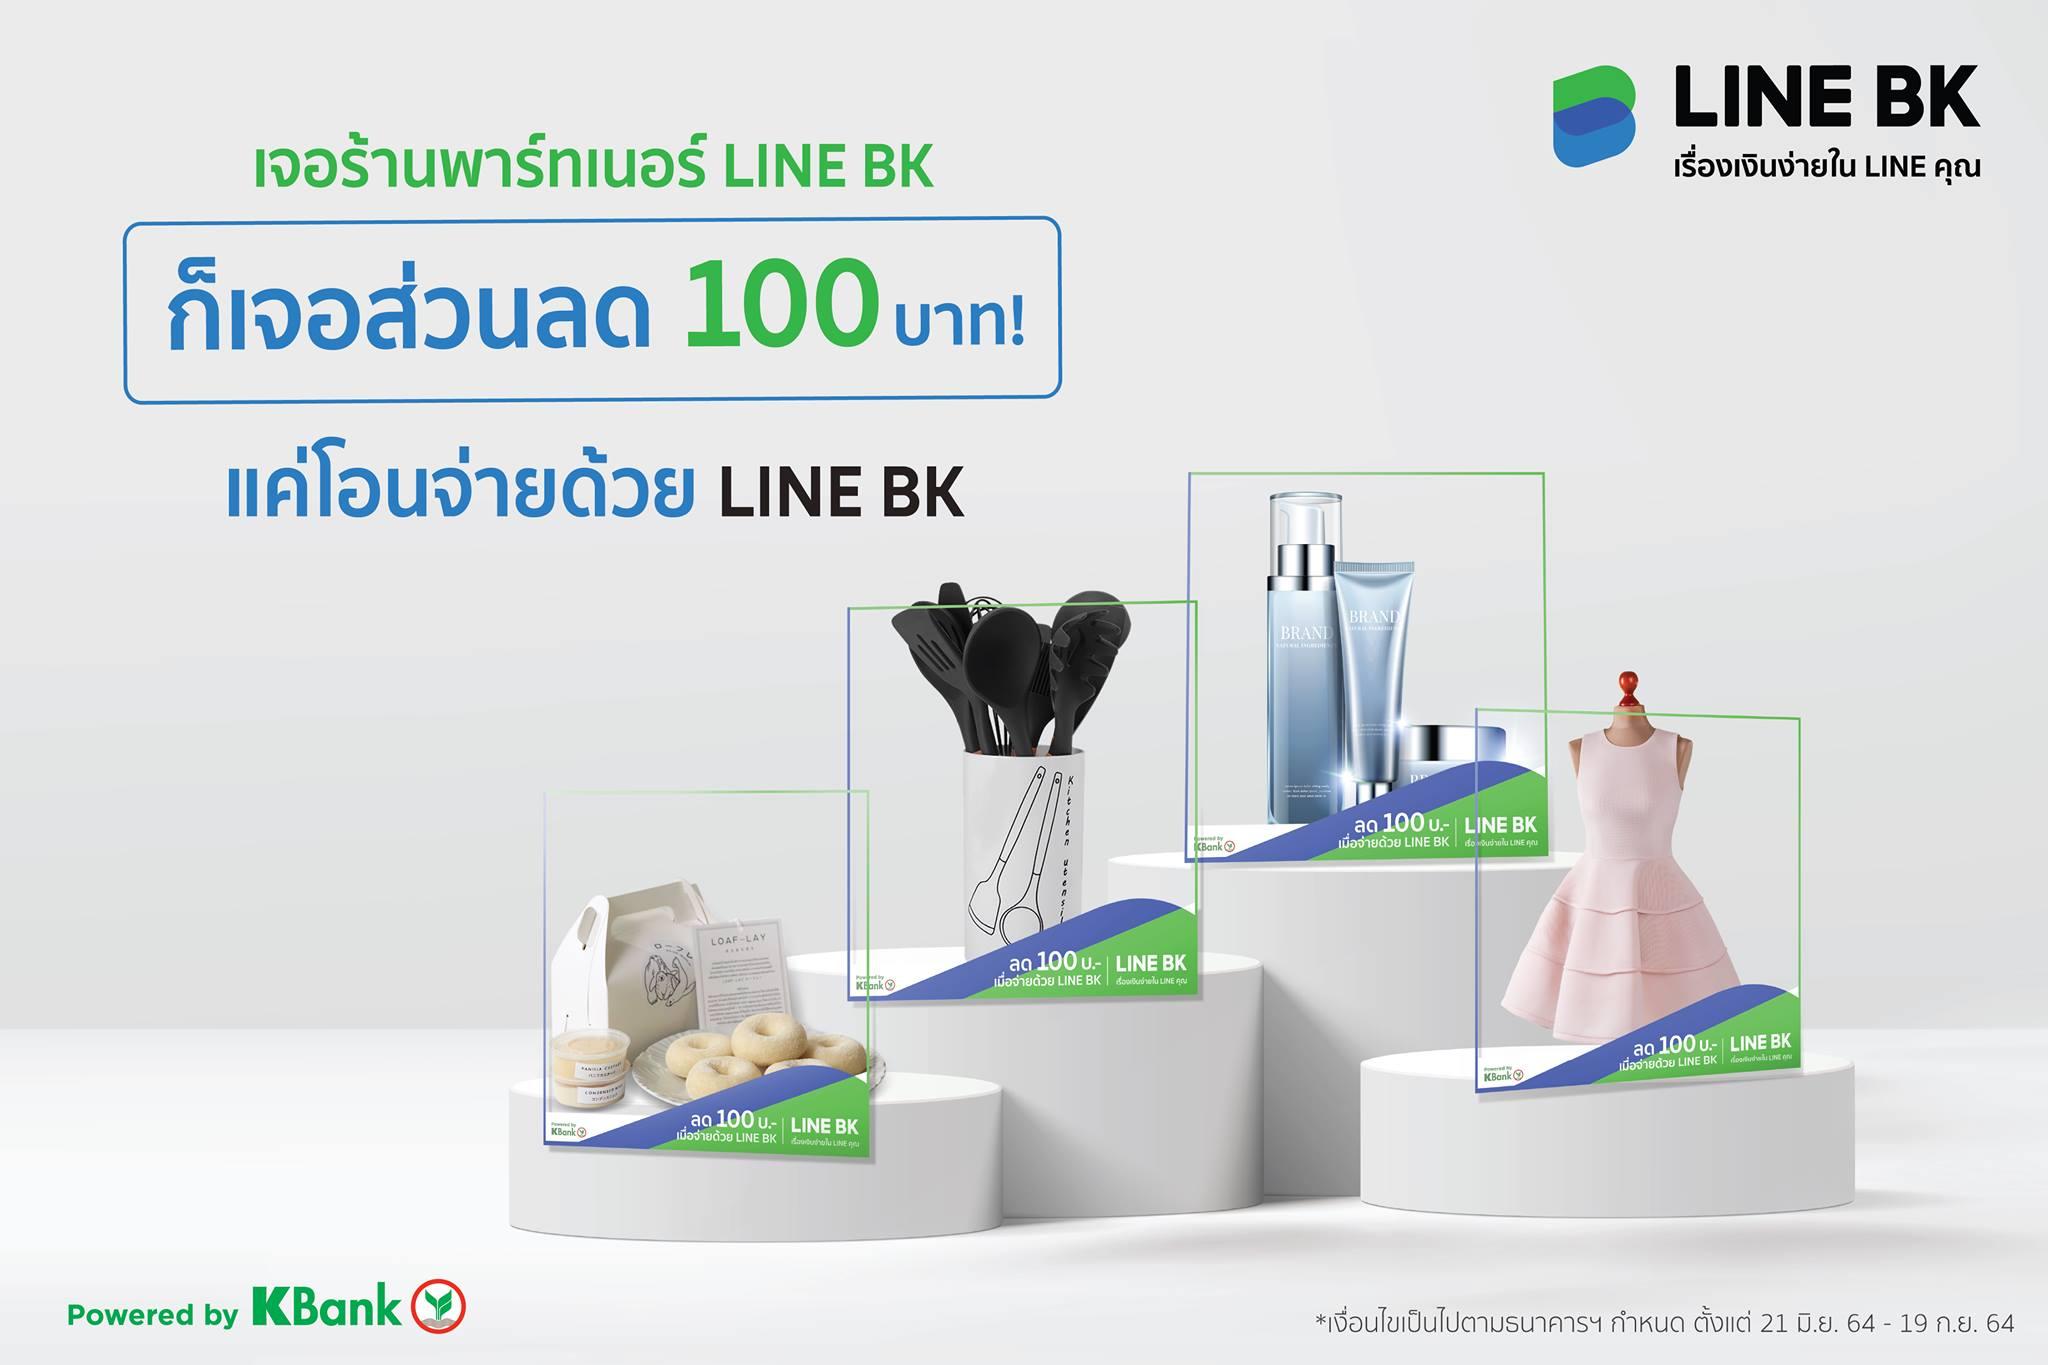 ช้อปออนไลน์สุดคุ้ม โอนง่าย จ่ายด้วย  LINE BK ได้ส่วนลดทันที 100.- ทุกวัน!